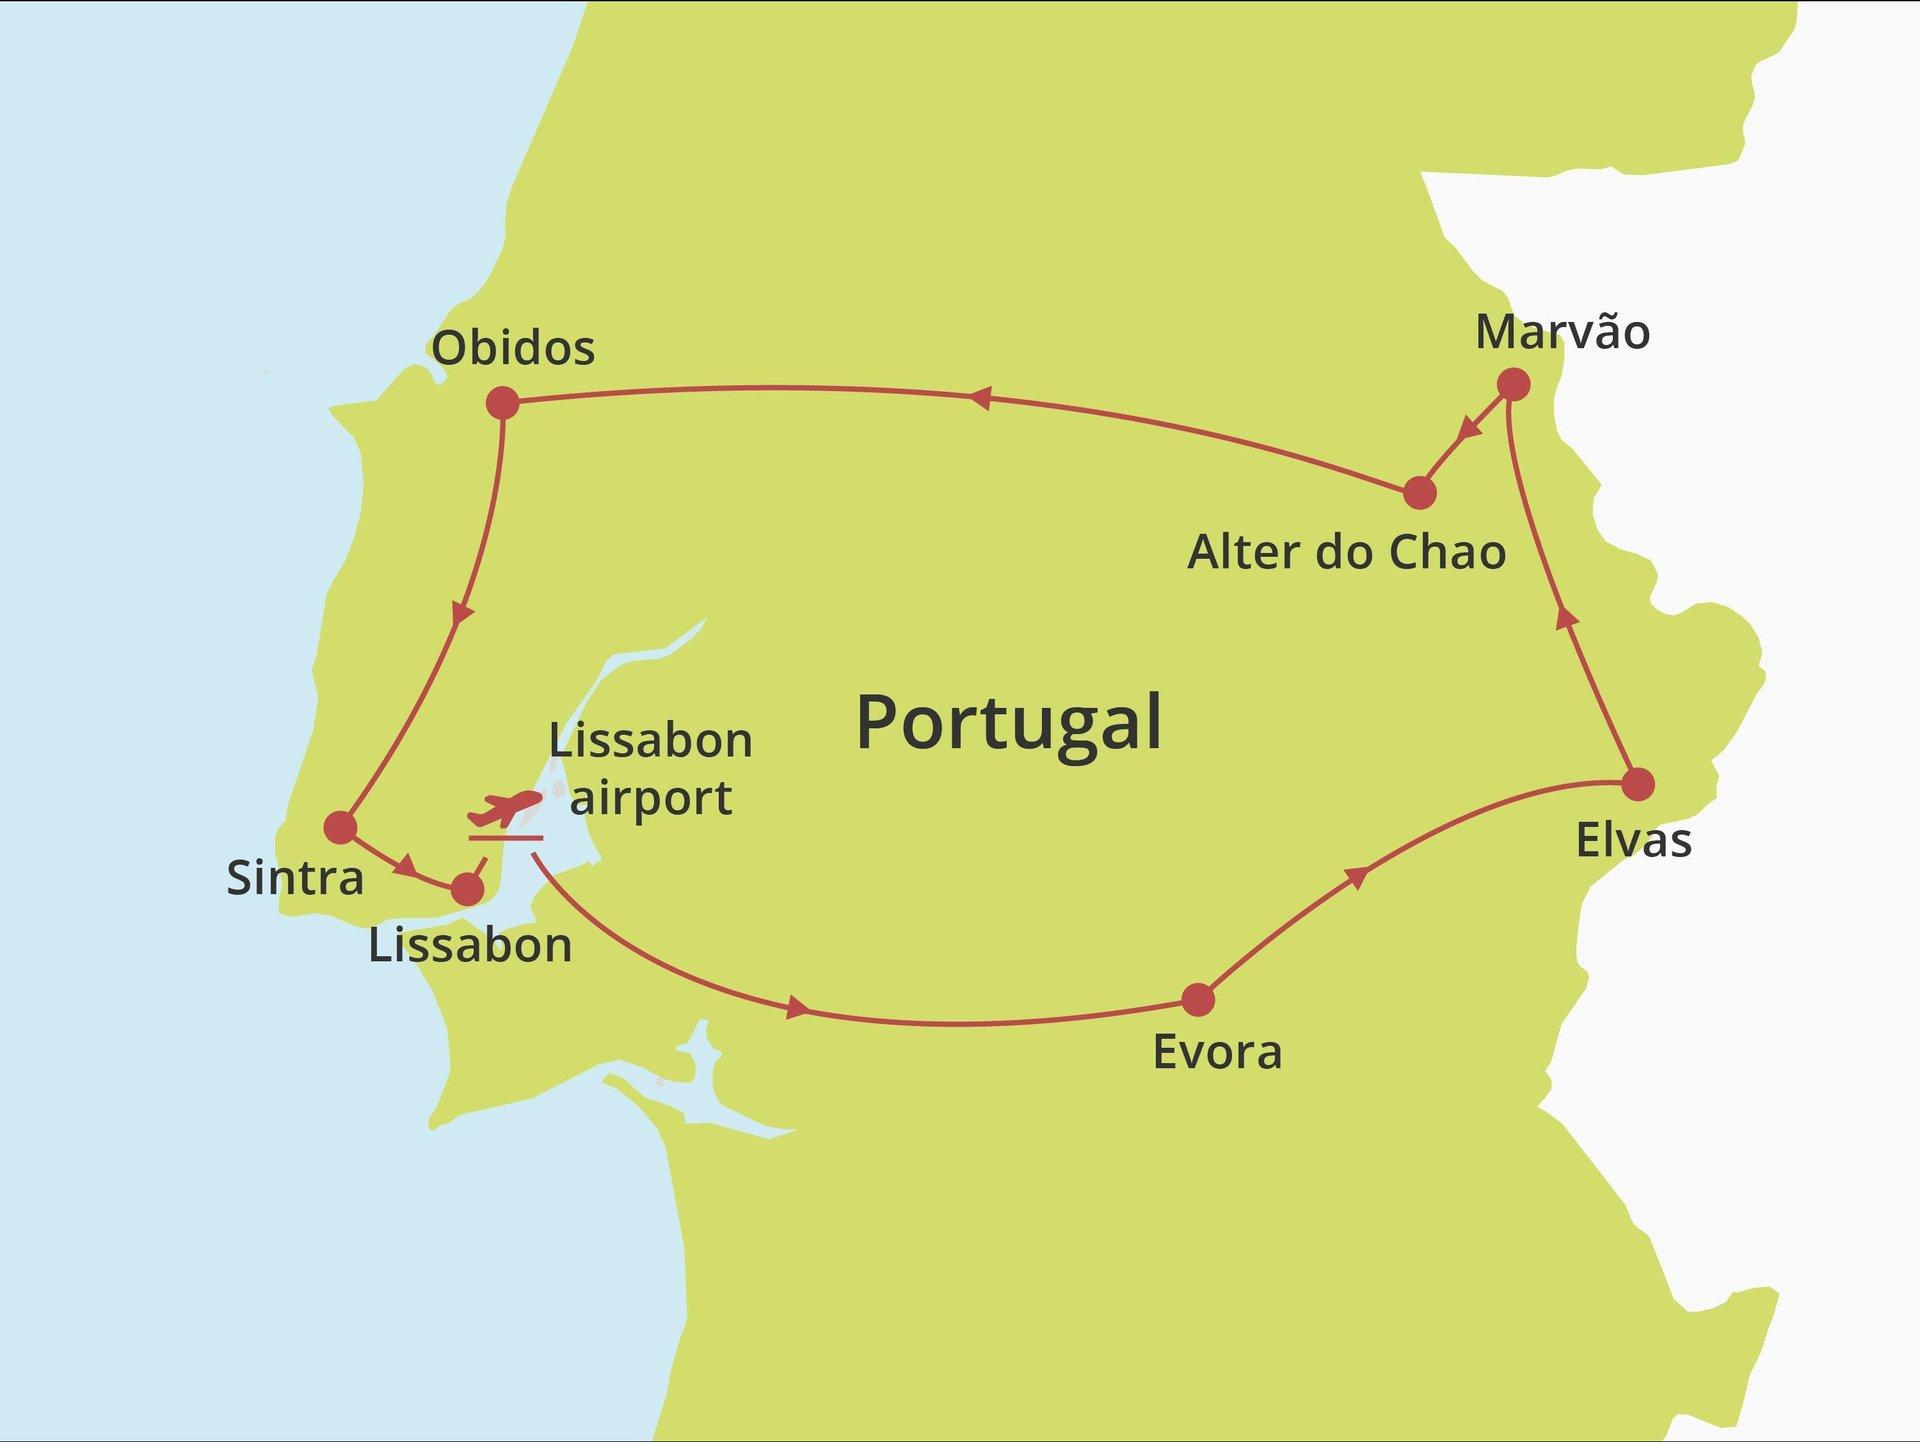 Fly-drive Alentejo en Lissabon kust (hotels) 8 dagen